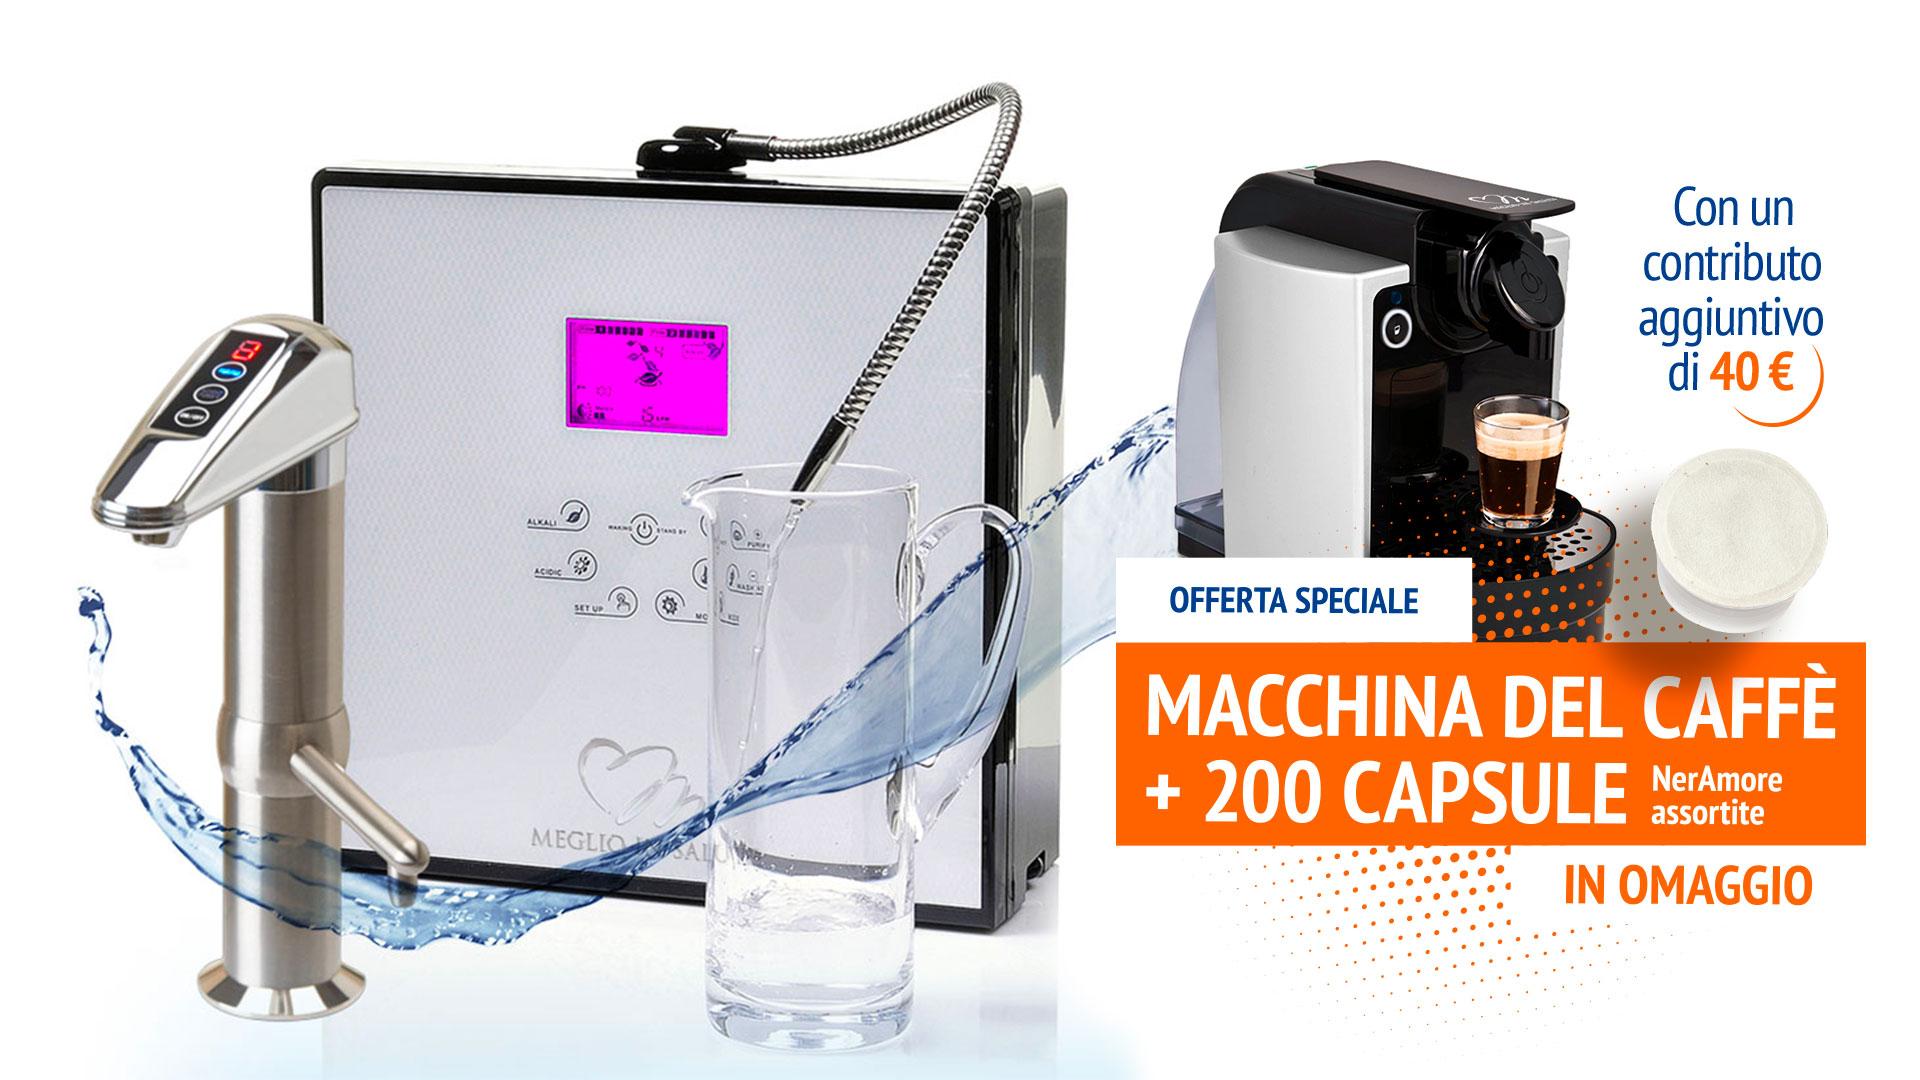 depuratori-acqua-alcalina-ionizzata-bottiglie-vetro-informato-omaggio-promo2c